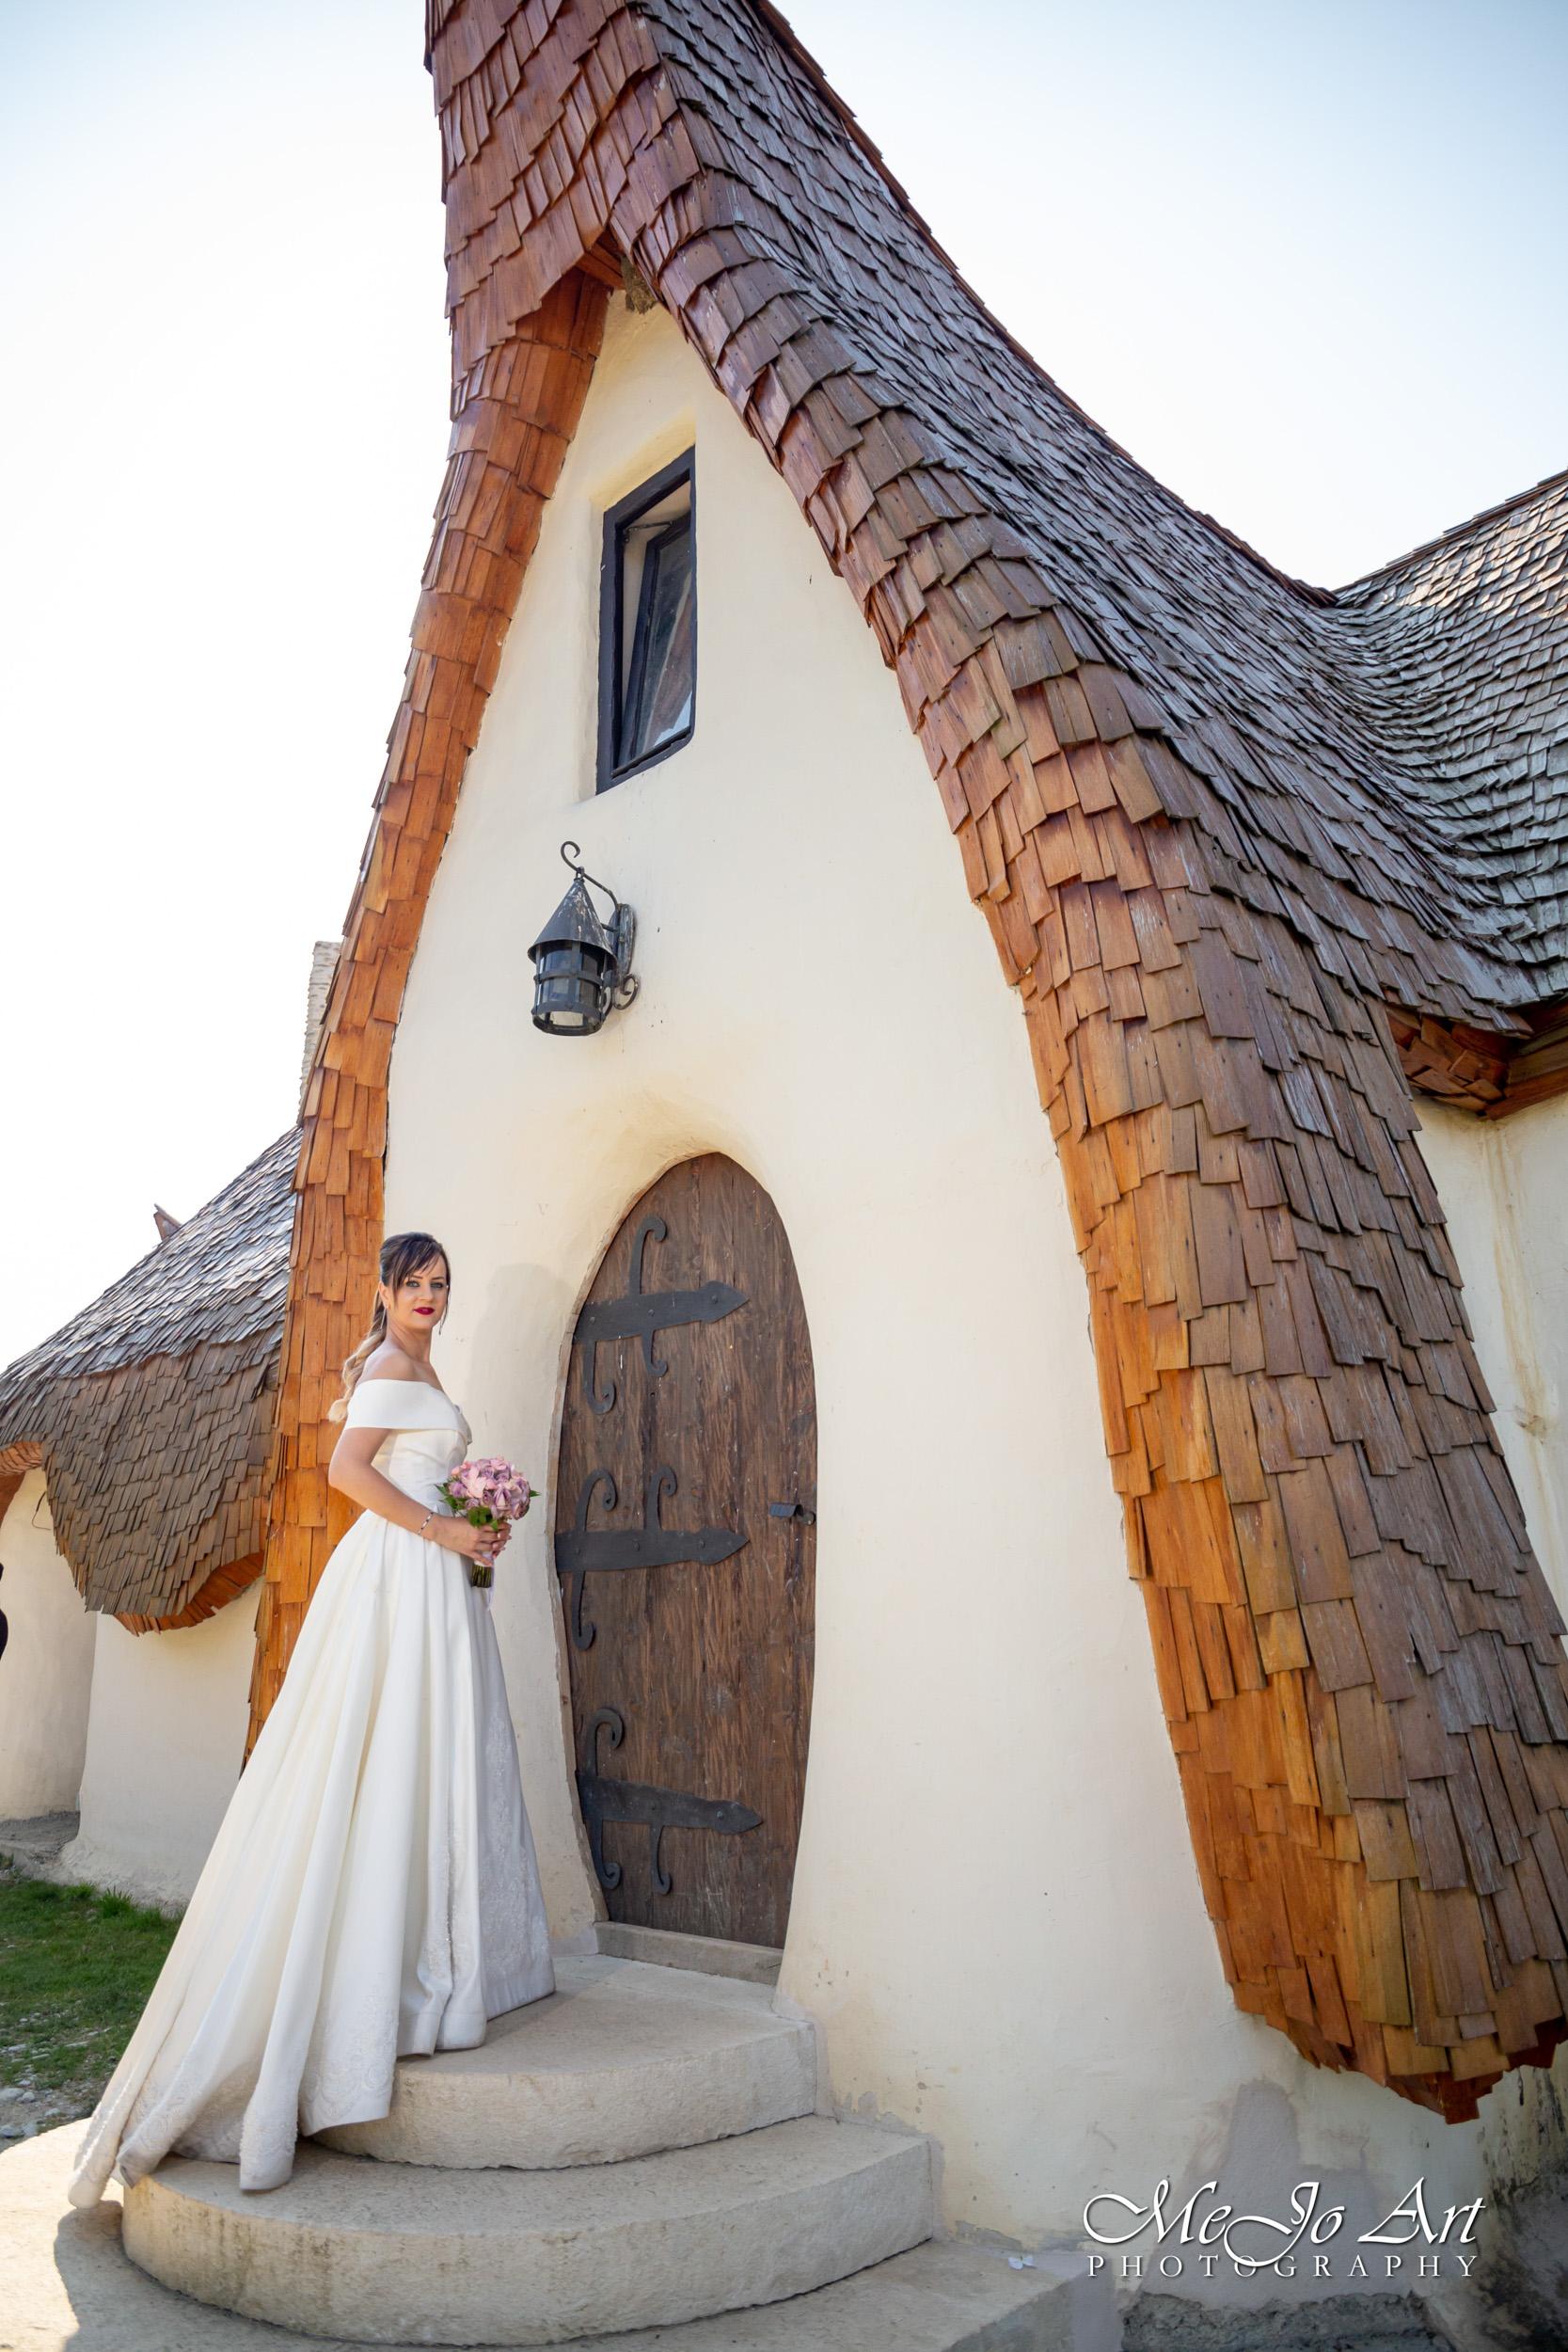 MeJo Art Bucur Ionut Fotograf Nunta Castelul de lut Sibiu